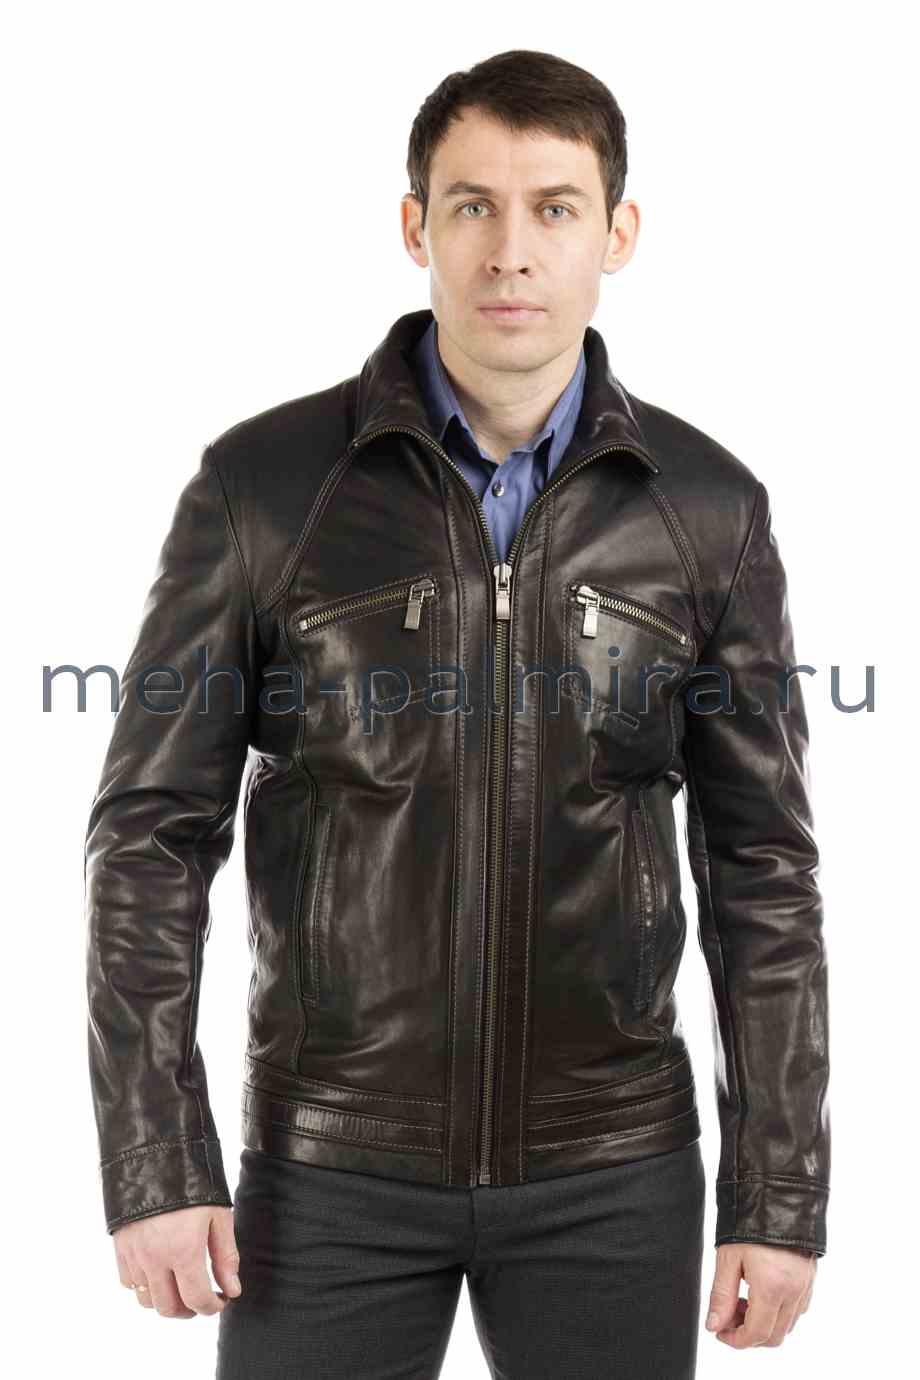 Куртка из натуральной кожи на стойке, цвет темно-серый